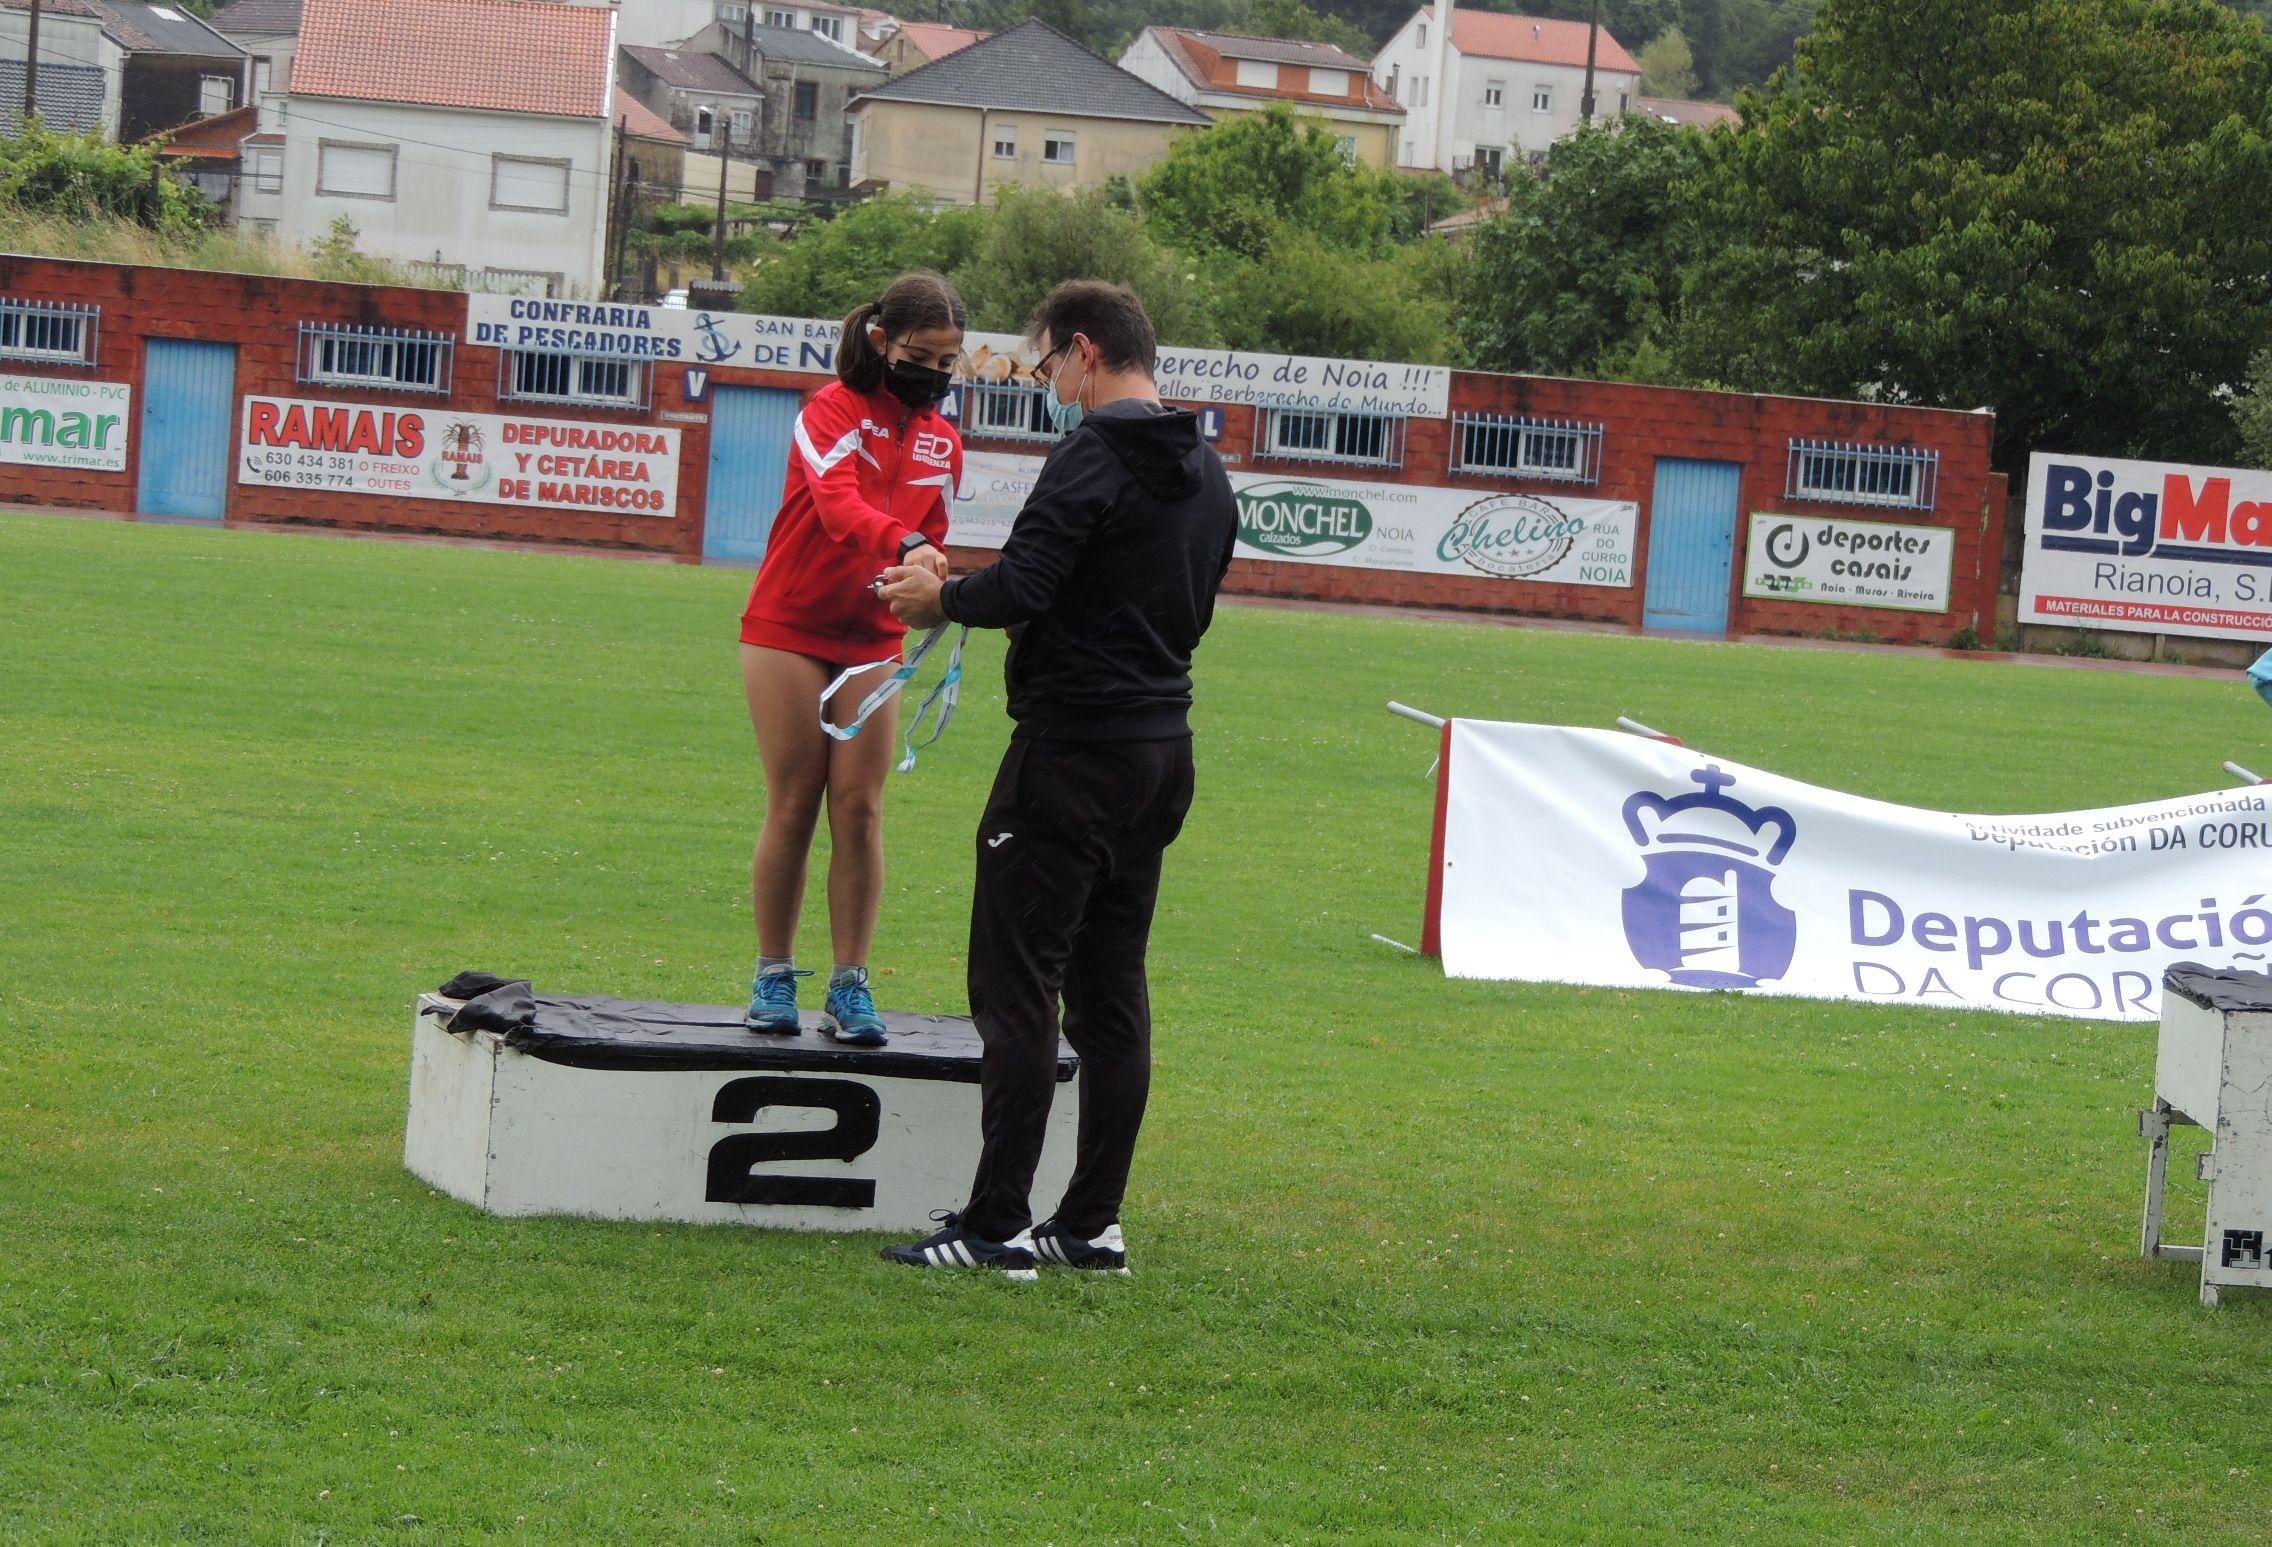 4 metais e un novo título autonómico para xs atletas do Maderas Barcia